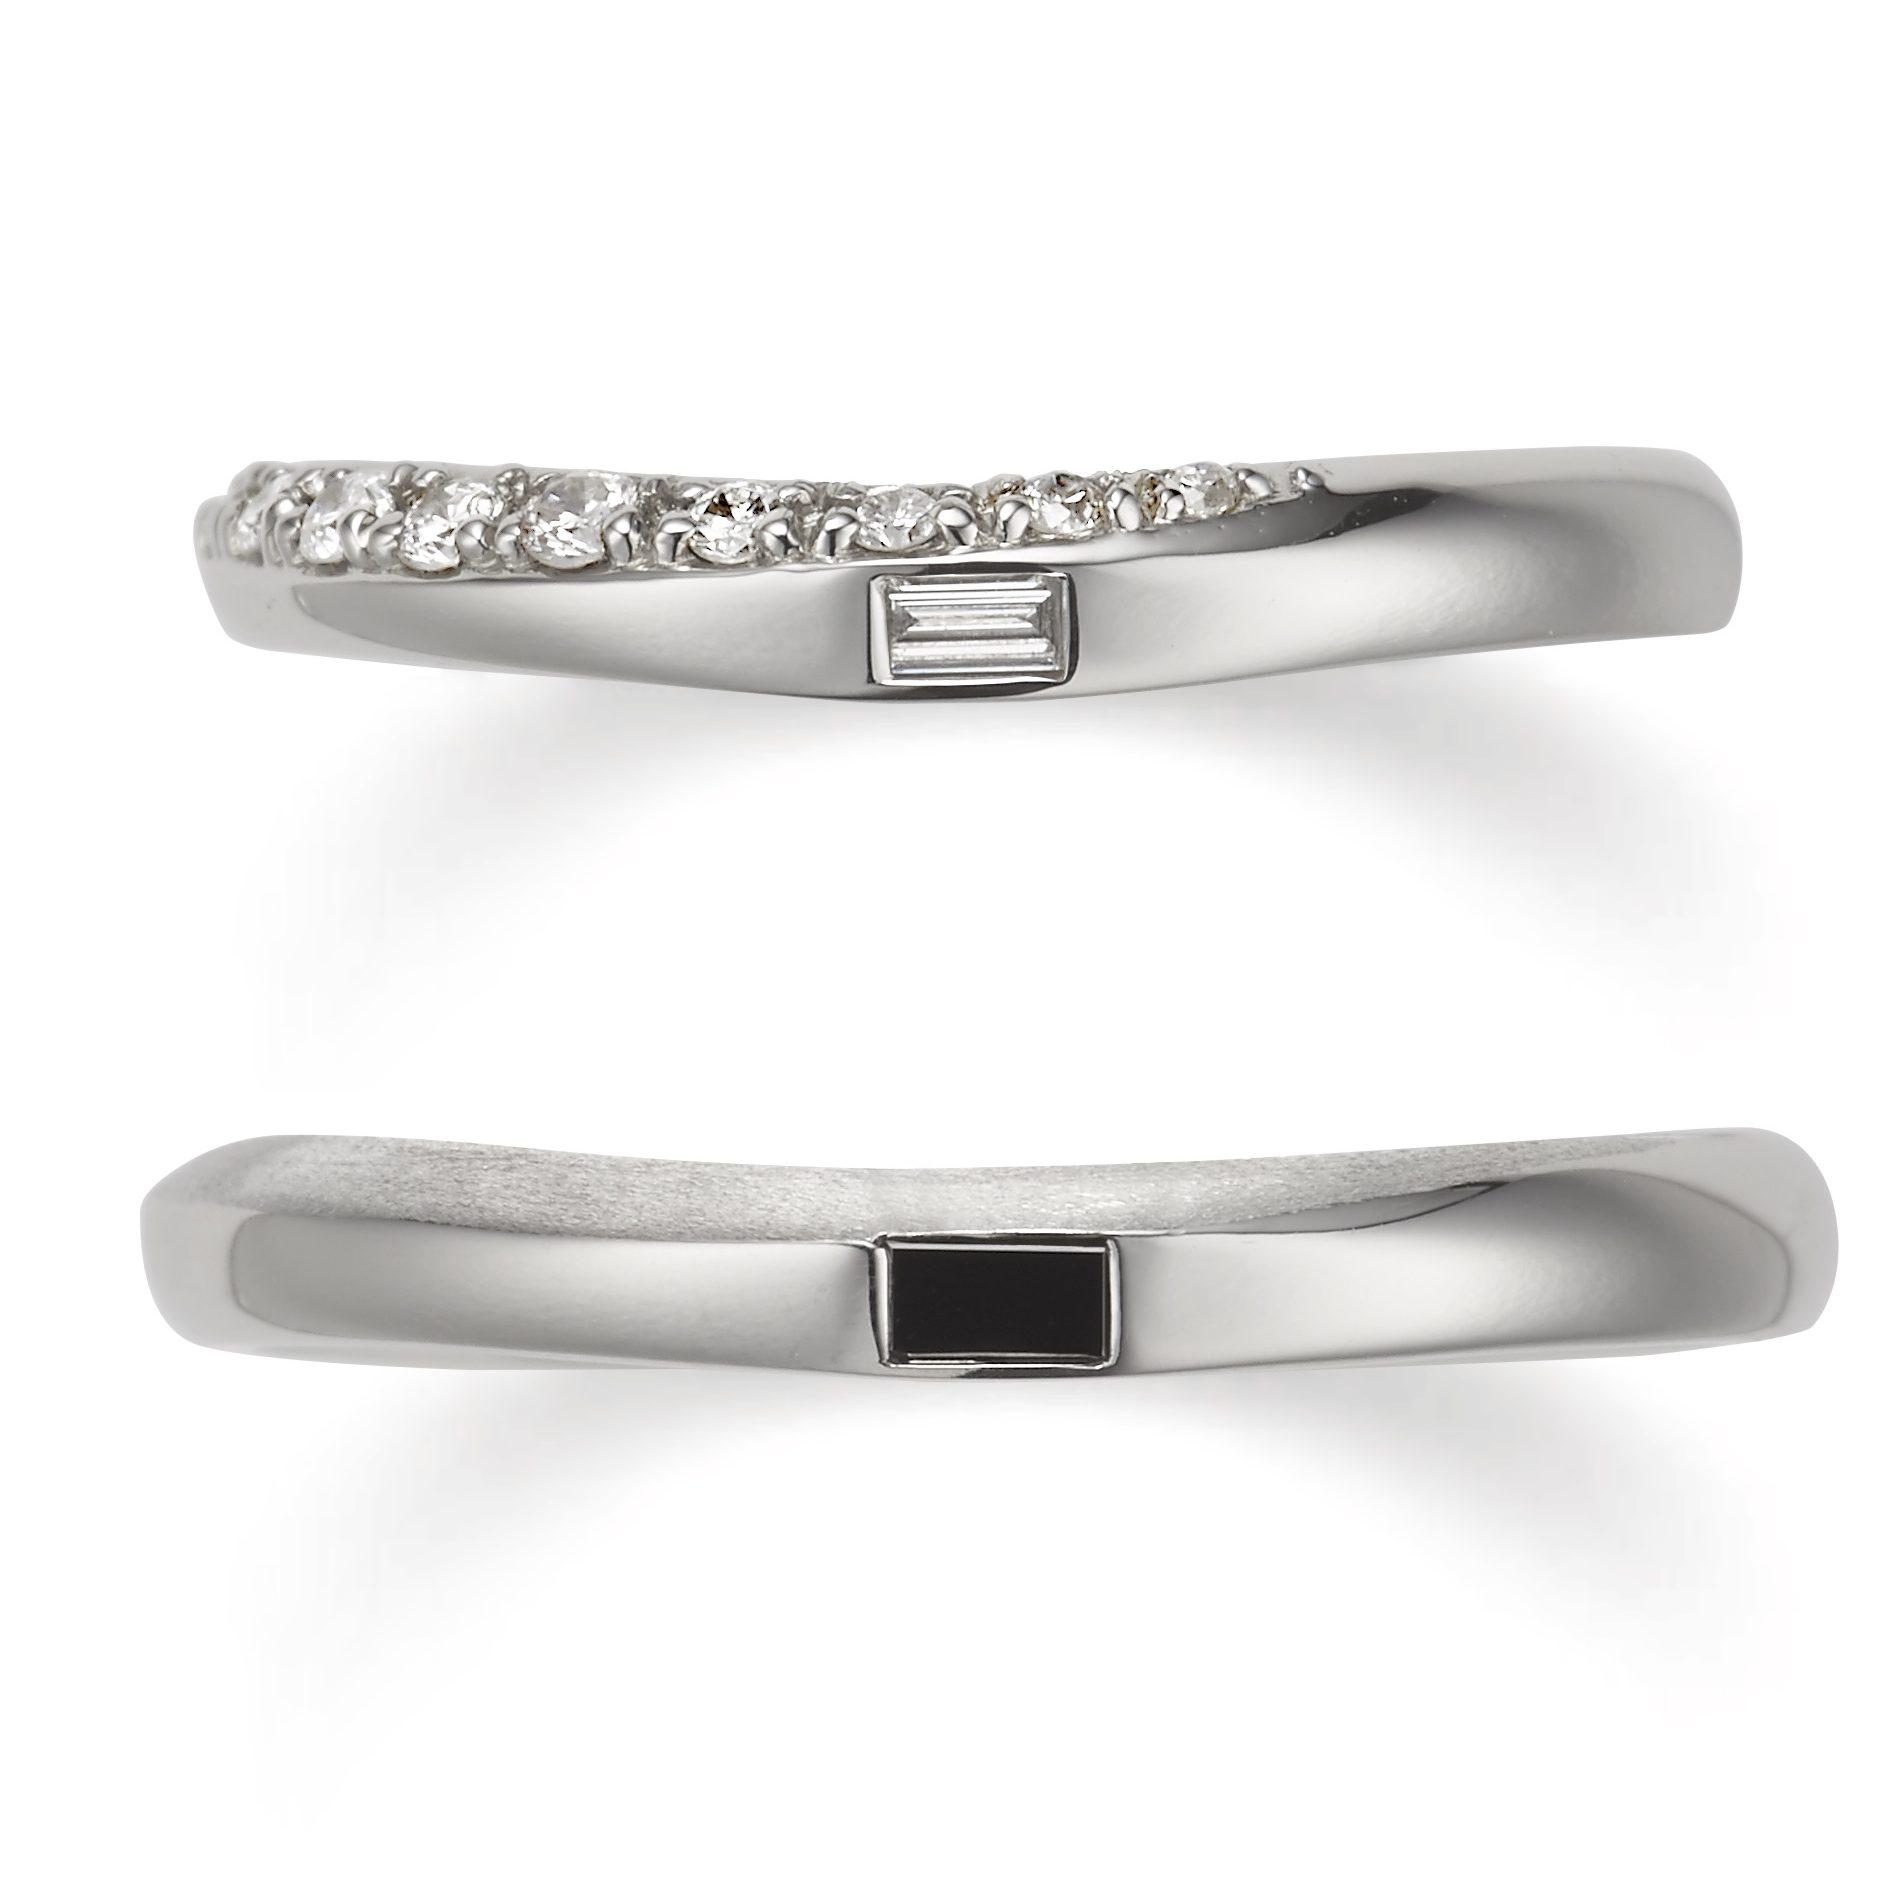 個性的 結婚指輪のサンダルウッド